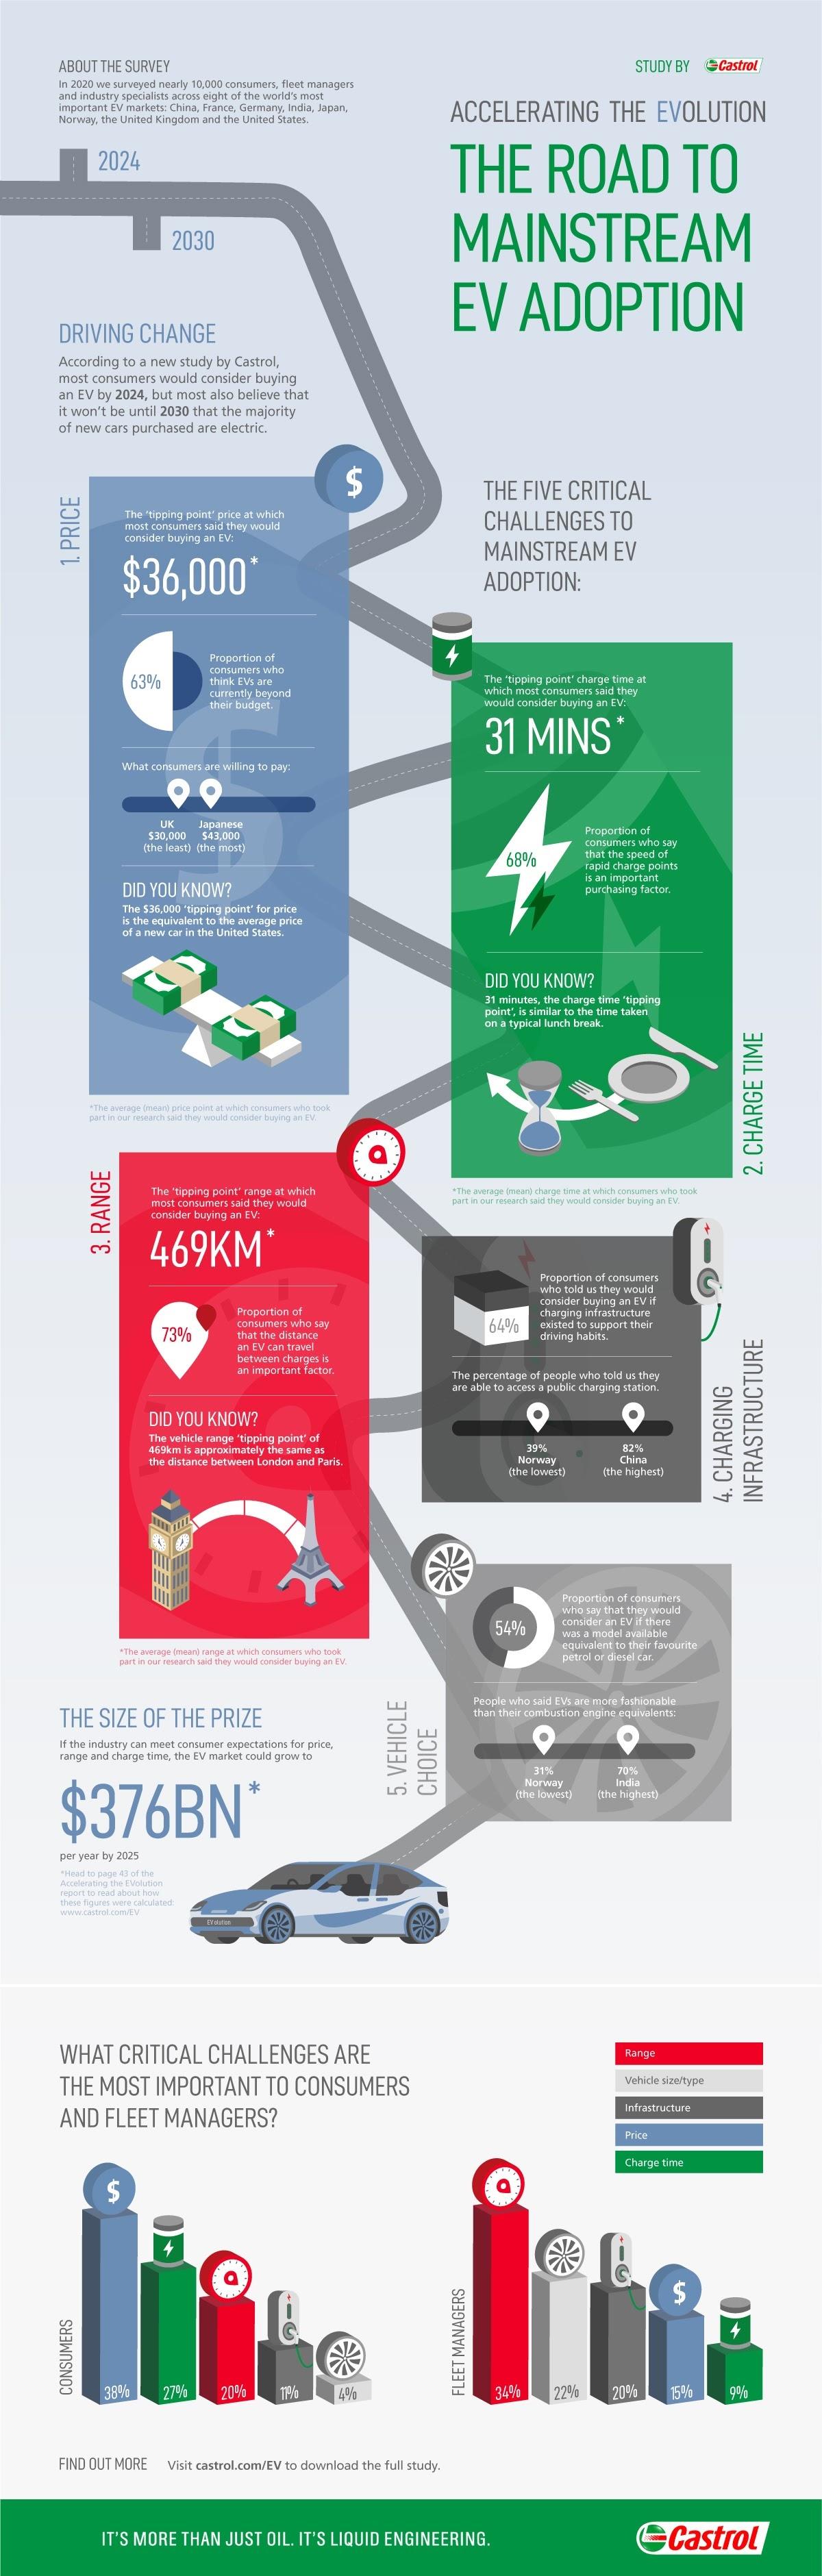 Mainstream EV Adoption: 5 Speedbumps to Overcome #infographic